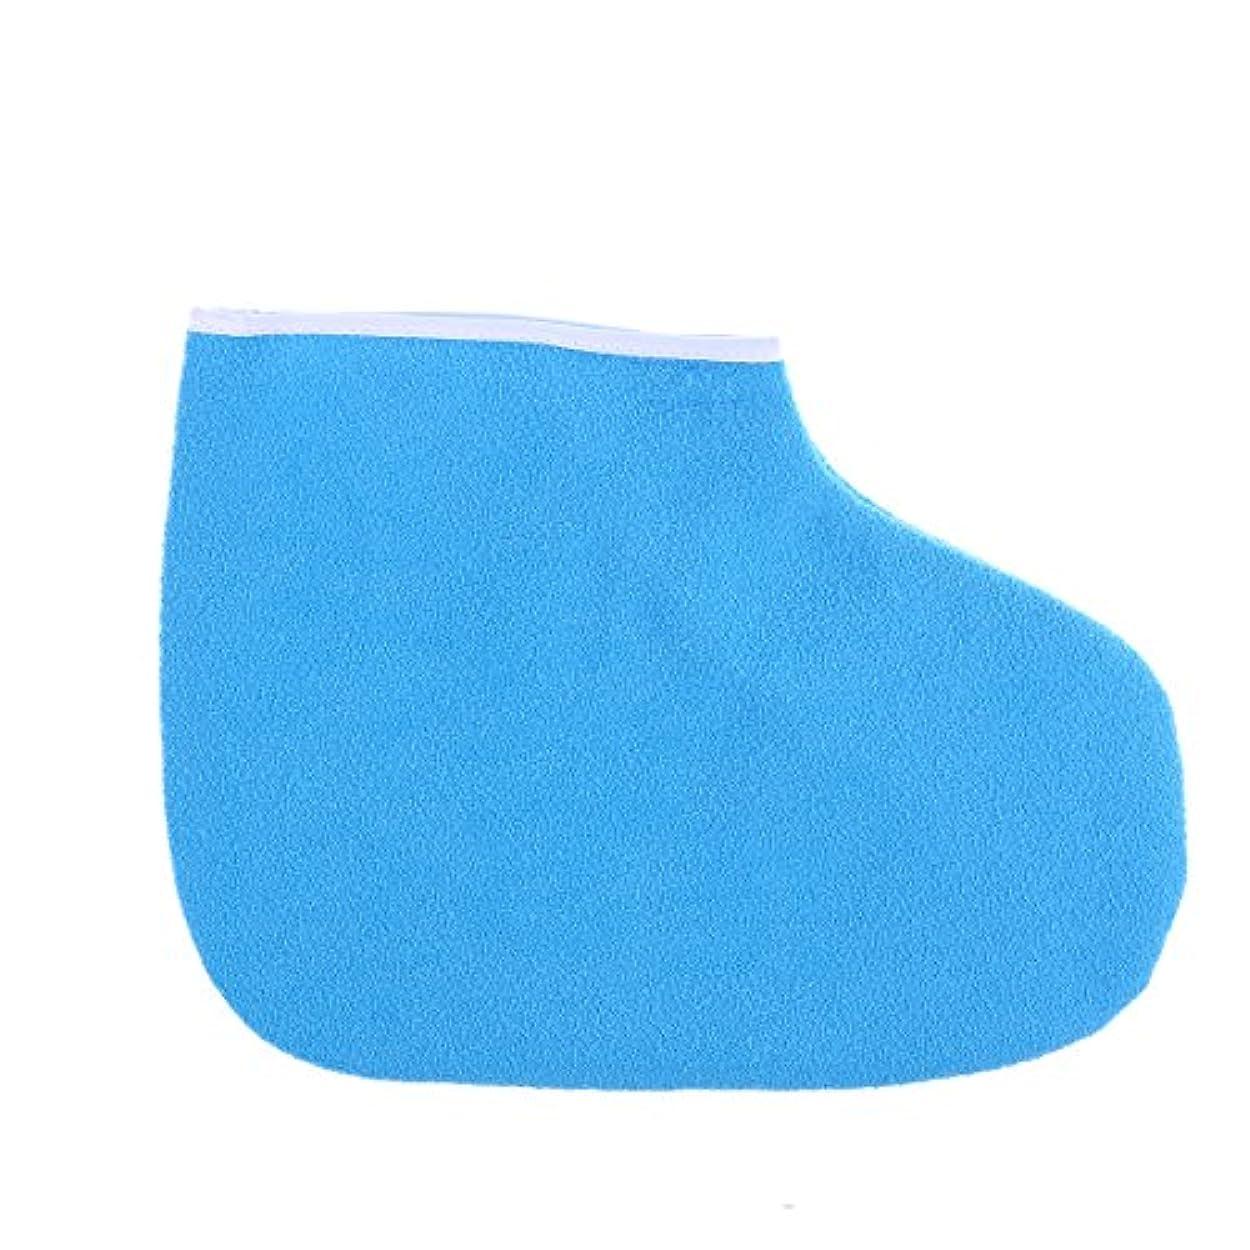 バッジムスタチオ政治家のHEALLILY パラフィンブーティワックスバスフットスパカバー温熱療法絶縁ソフトコットン保湿フットストラップ(ブルー)